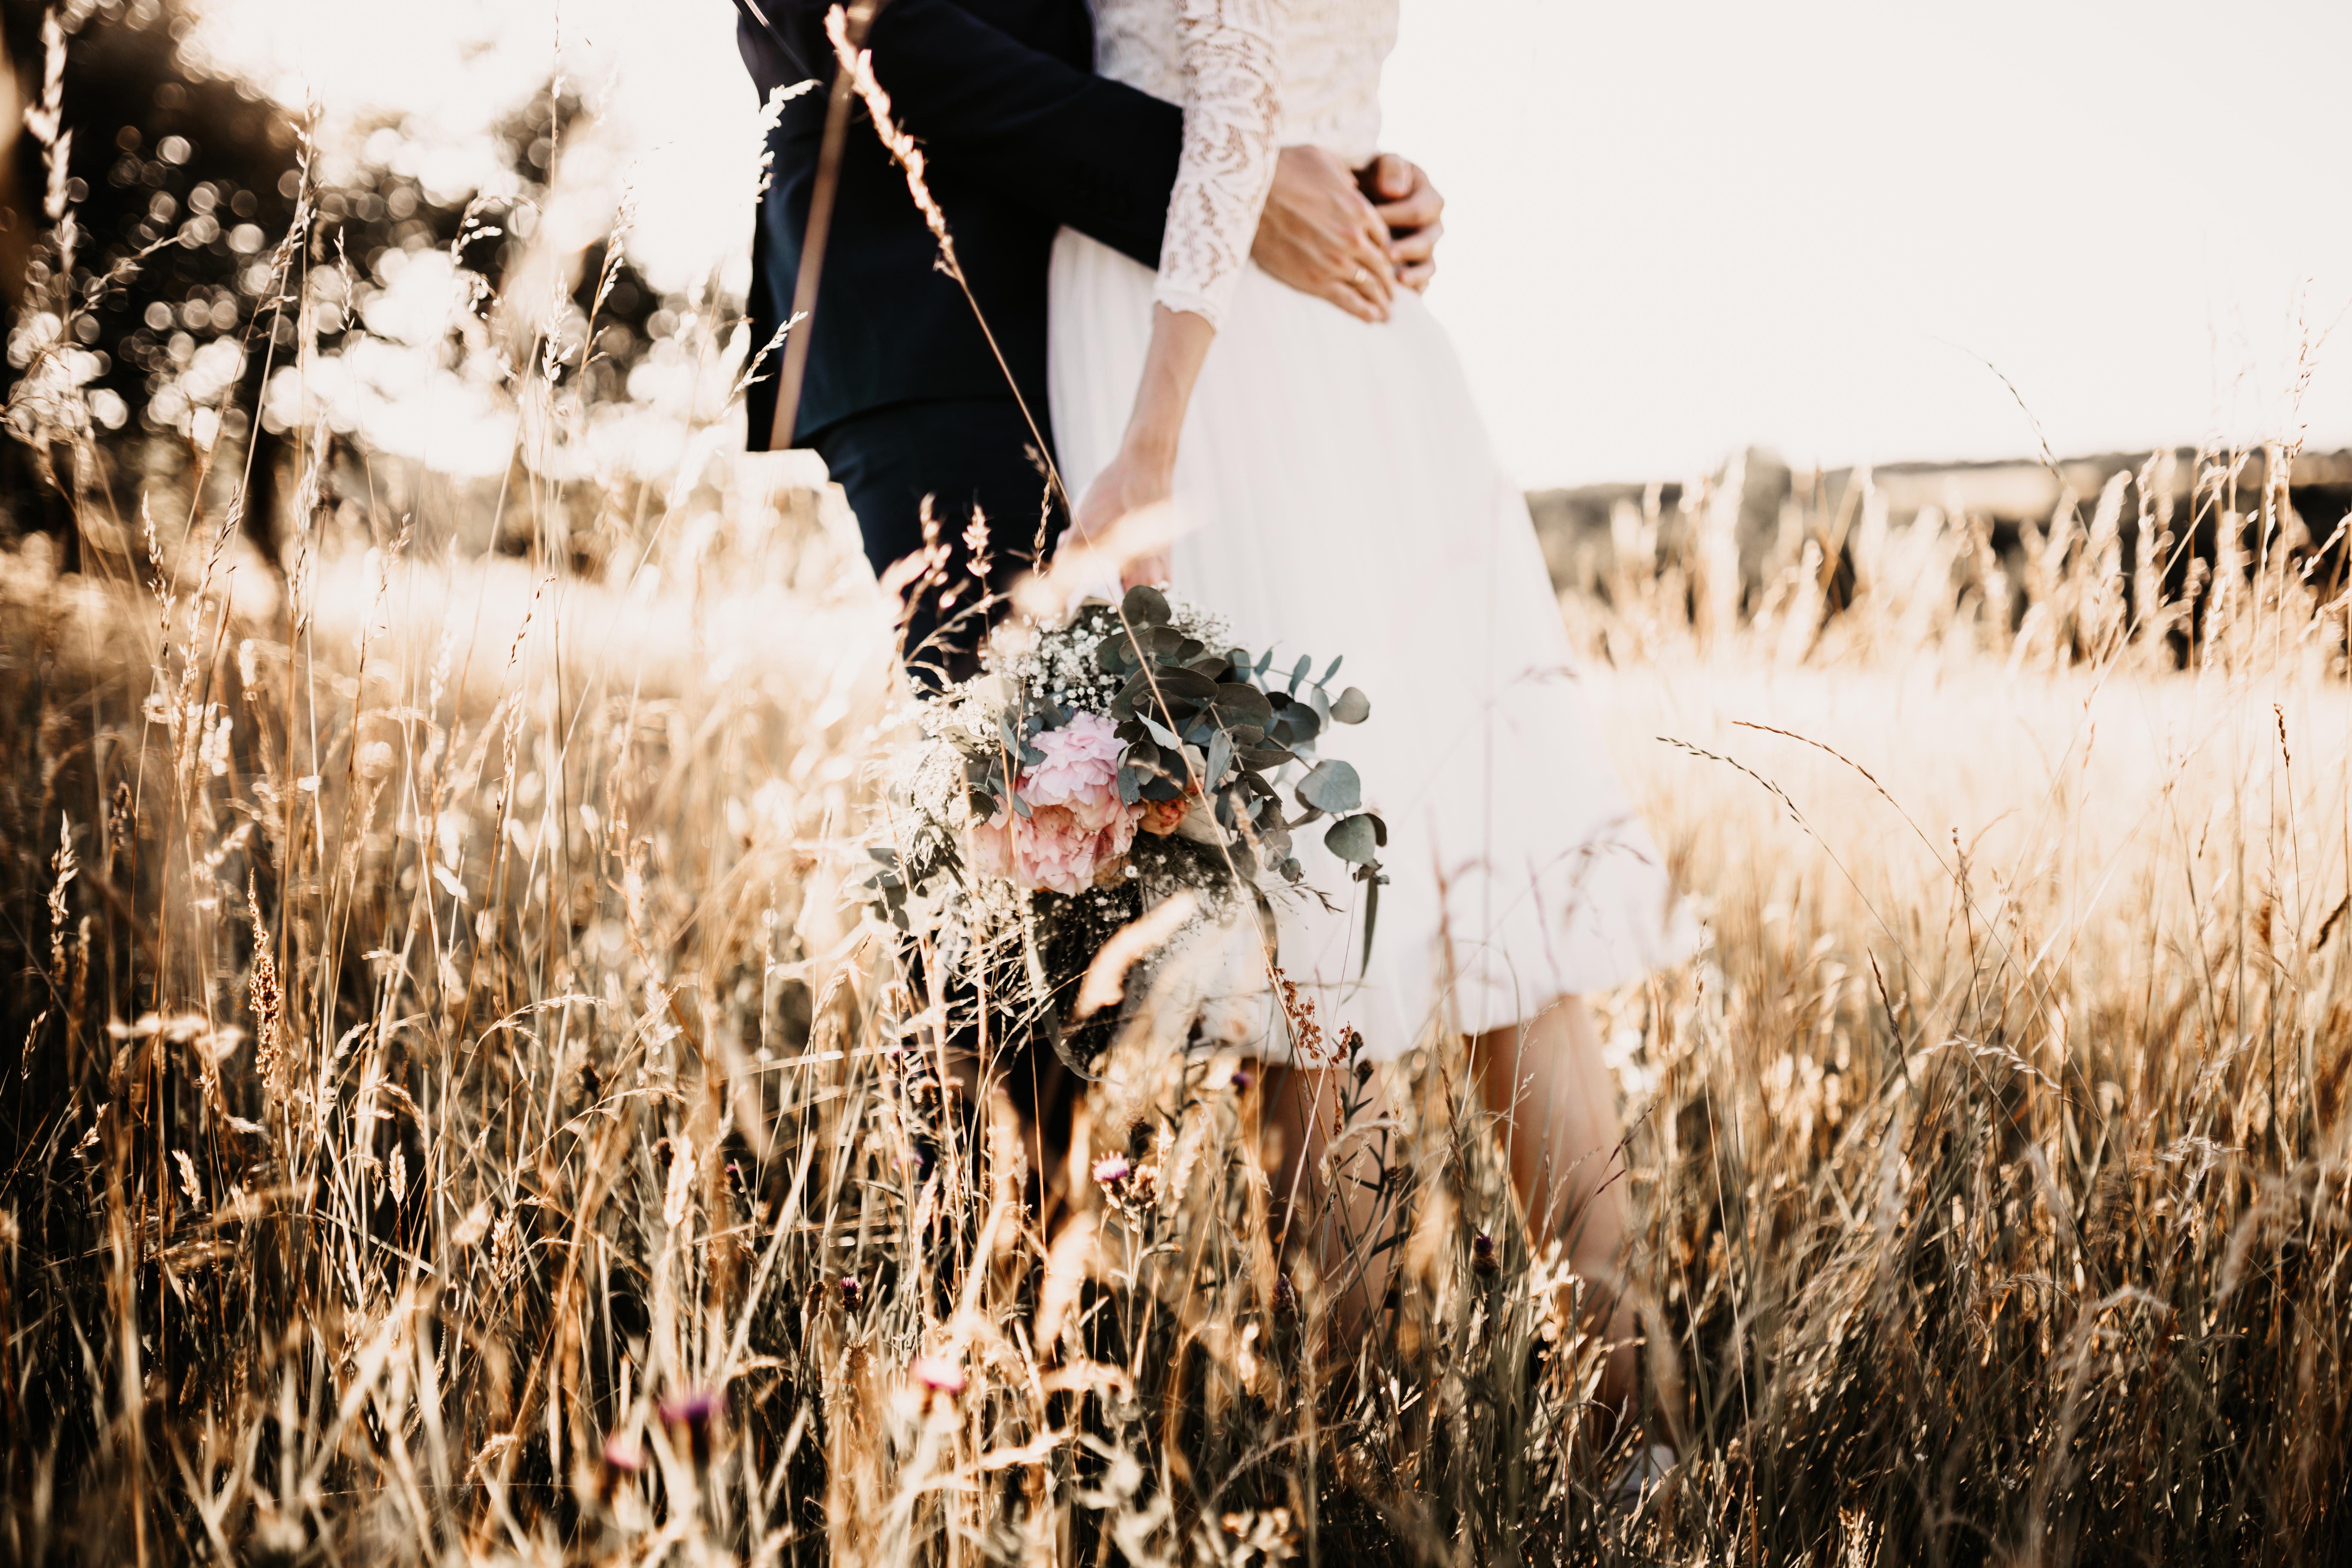 Hochzeitsfotograf Saarland - Fotograf Kai Kreutzer 1008 Saarbrücken, Saarlouis, Merzig, St. Wendel 29